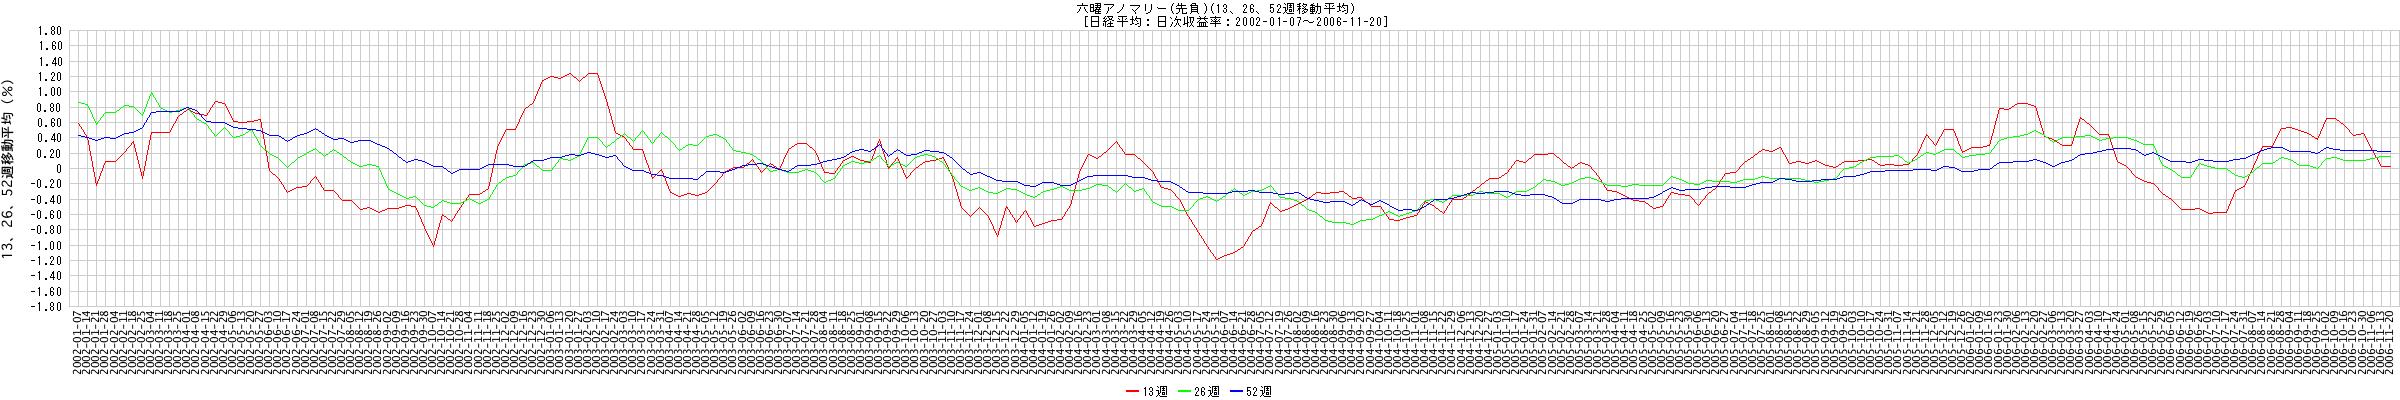 六曜アノマリー (先負)(13、26、52週移動平均) [日経平均:日次収益率:2002-01-07 - 2006-11-20] 拡大版